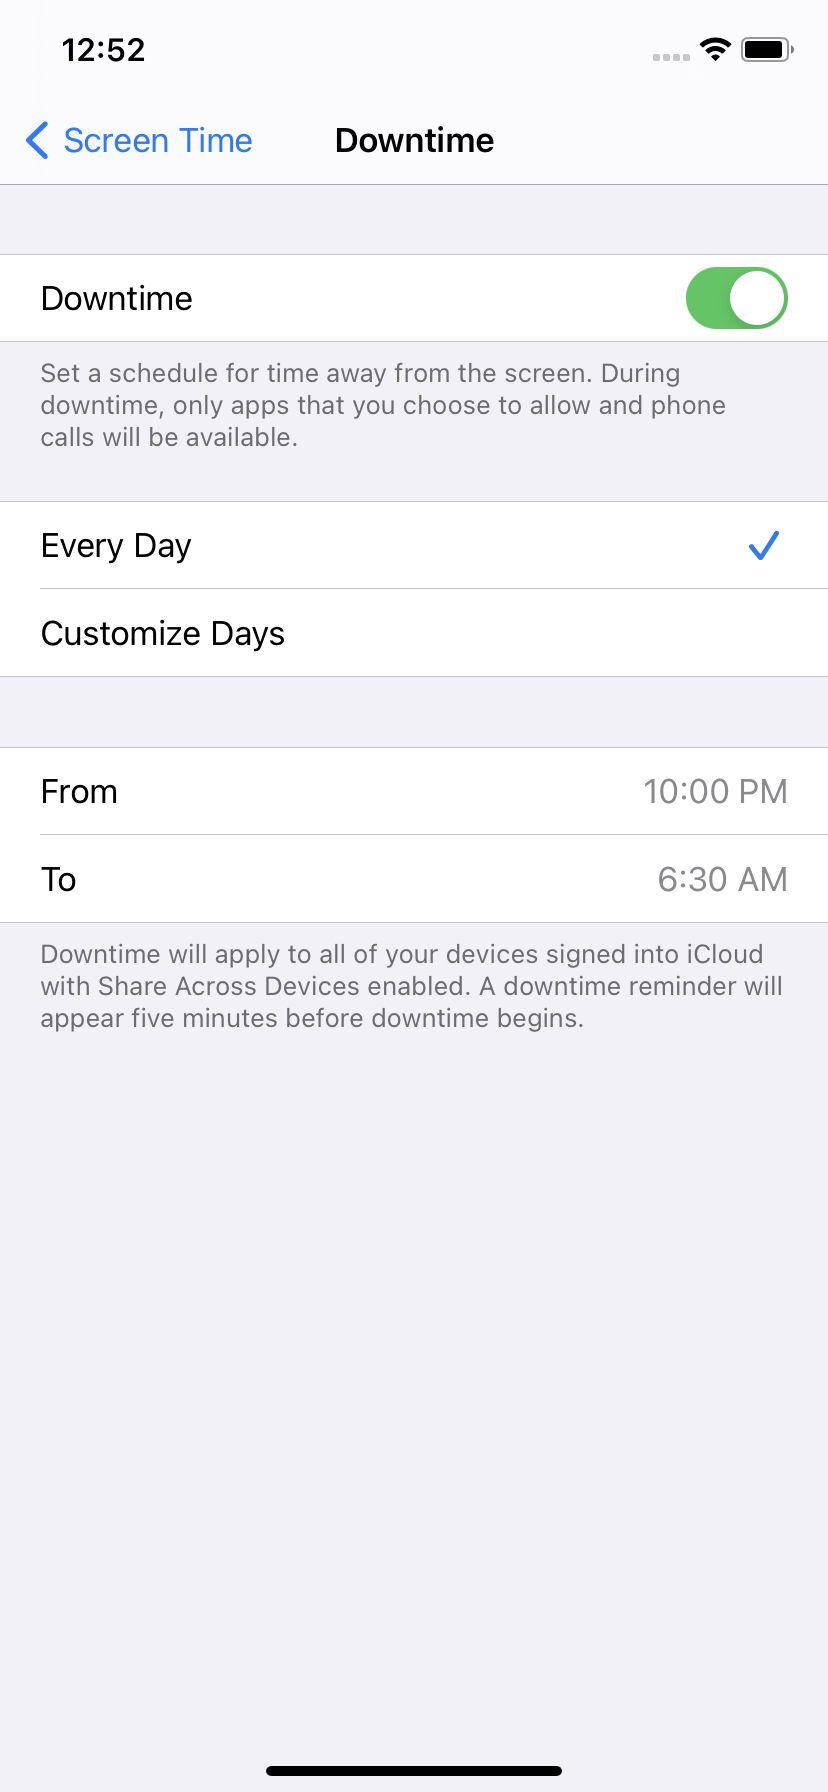 Puteți seta timpul de oprire pentru zilele de zi cu zi sau anumite zile și pentru orele stabilite pentru fiecare zi